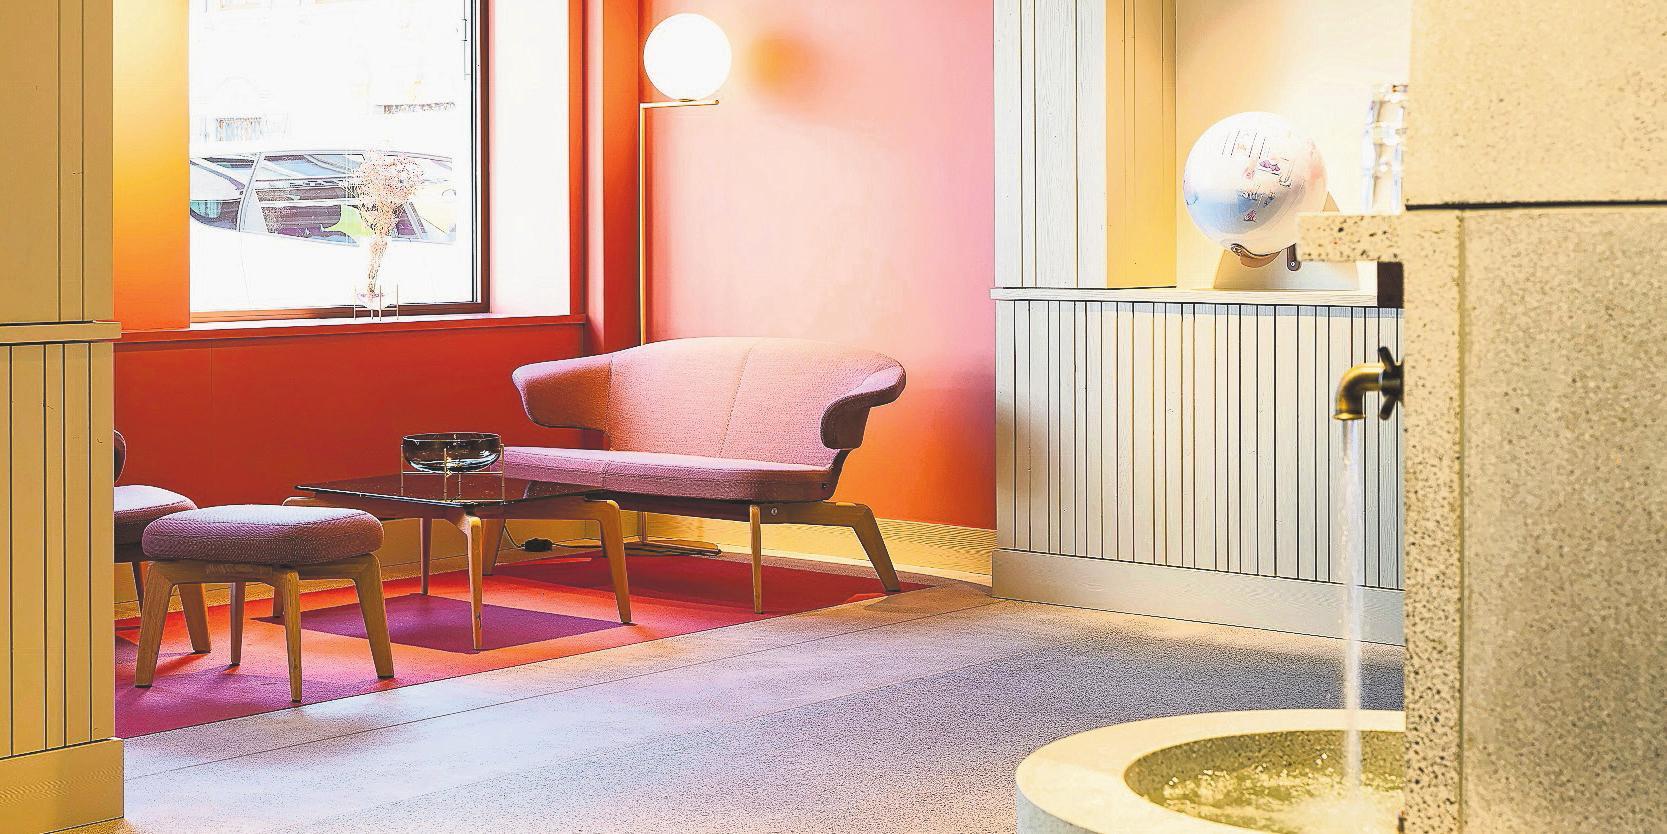 Für Gespräche steht im Gästebereich eine gute Stube zur Verfügung.